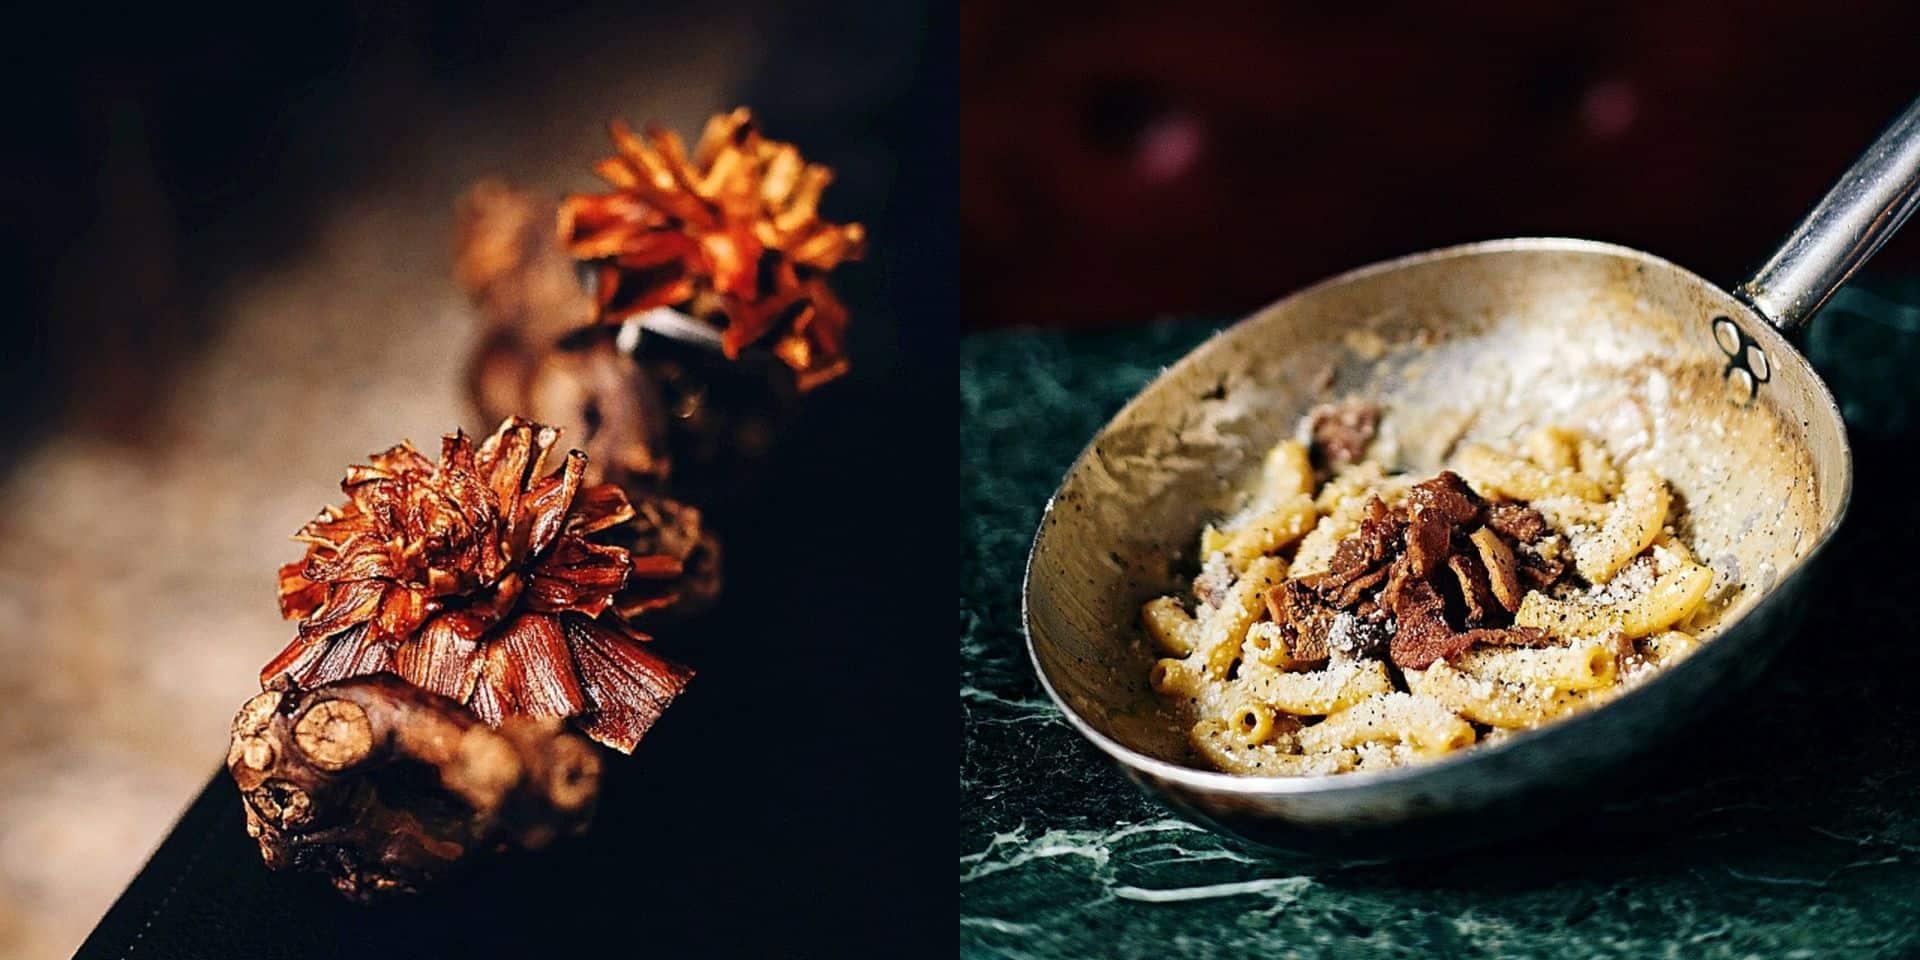 Réouverture des restaurants: l'Osteria Romana proposera à nouveau à Bruxelles le must de la cuisine du Latium